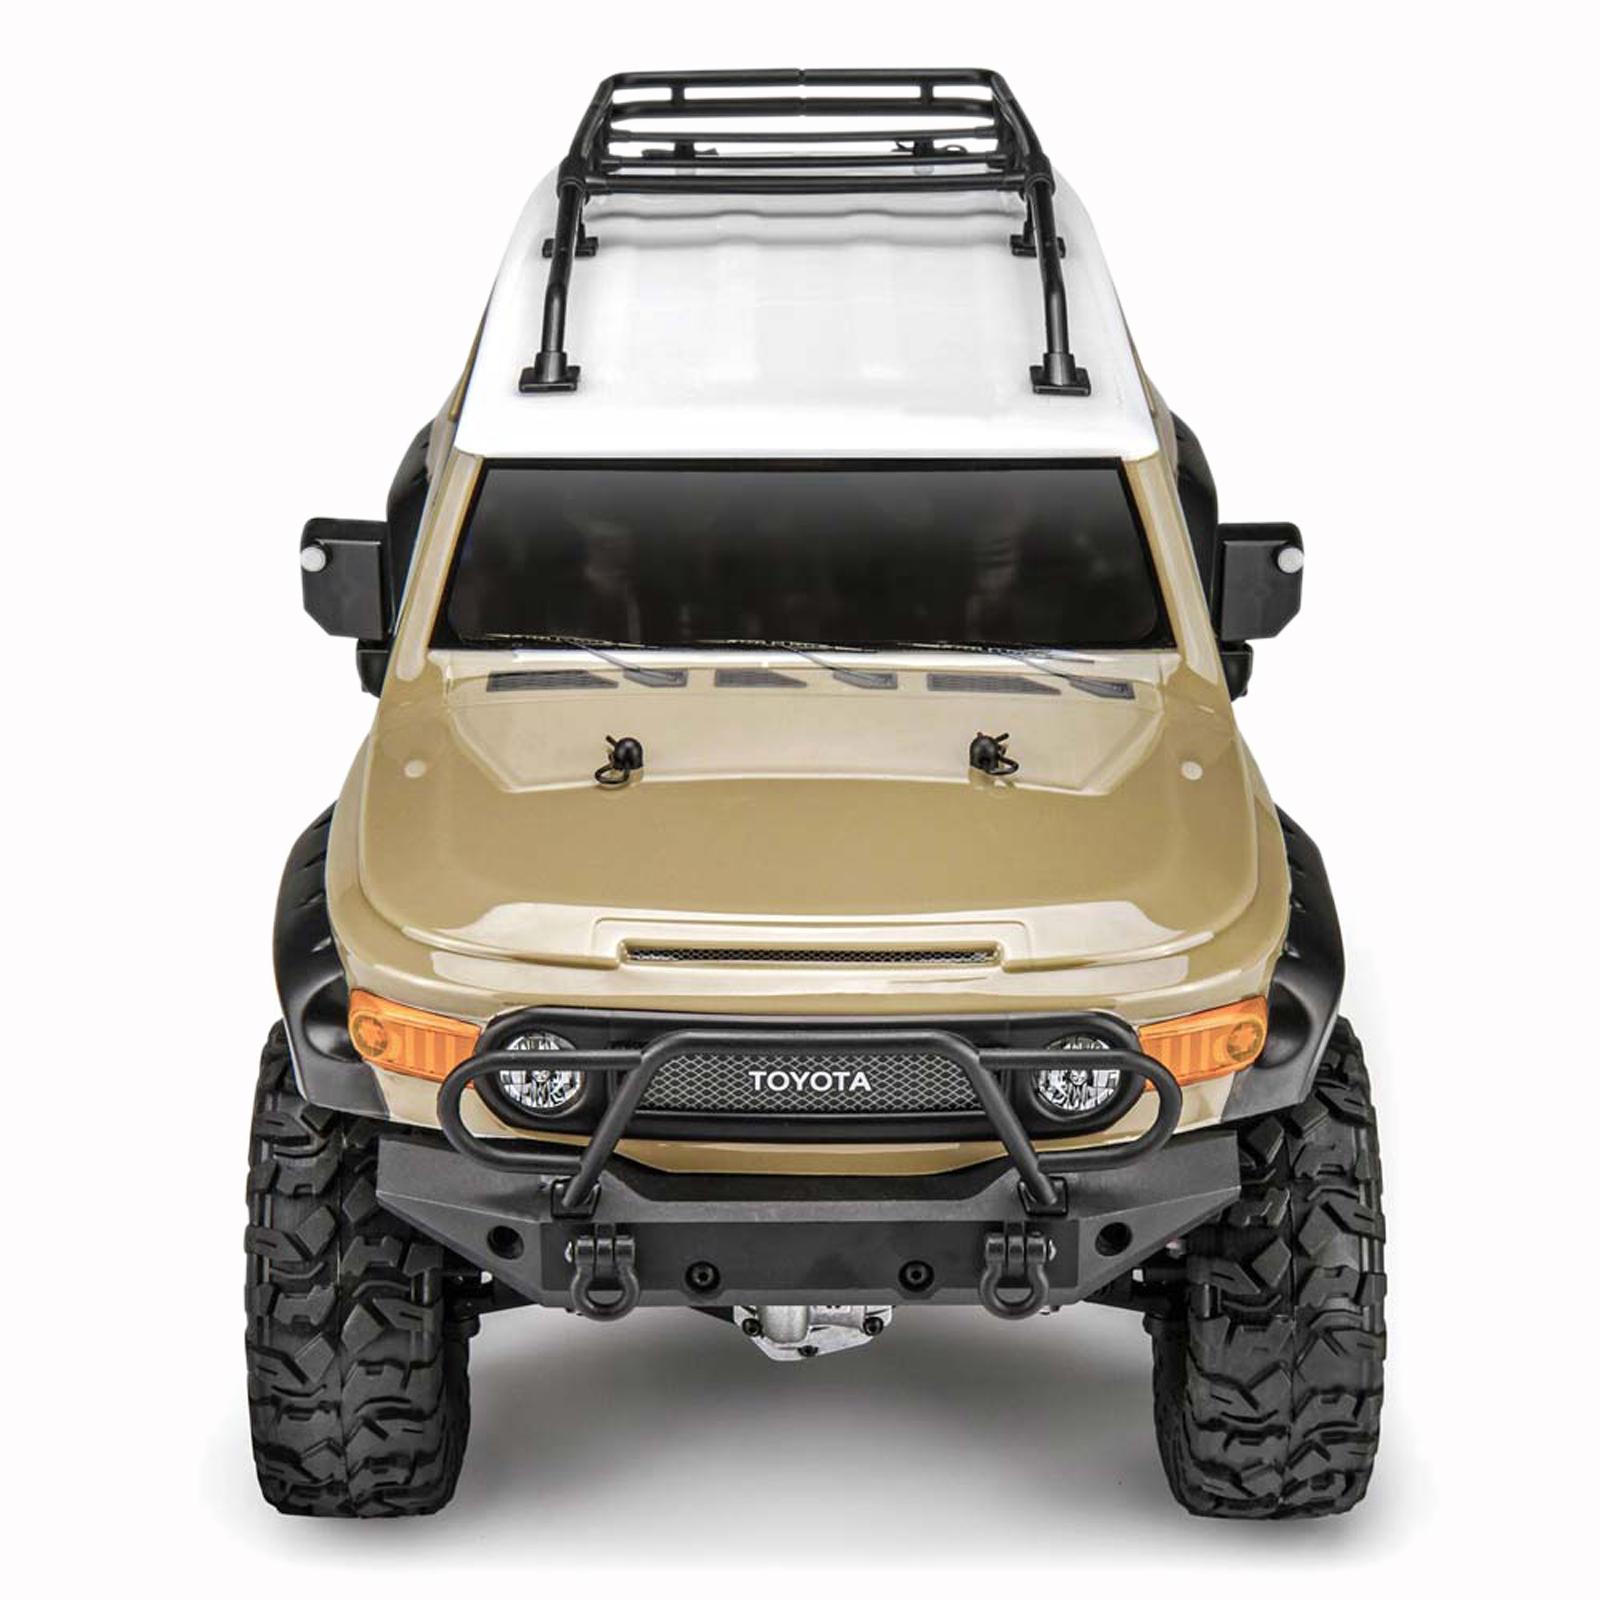 HPI Venture Toyota FJ Cruiser Sandstorm 1 10 4WD Brushed